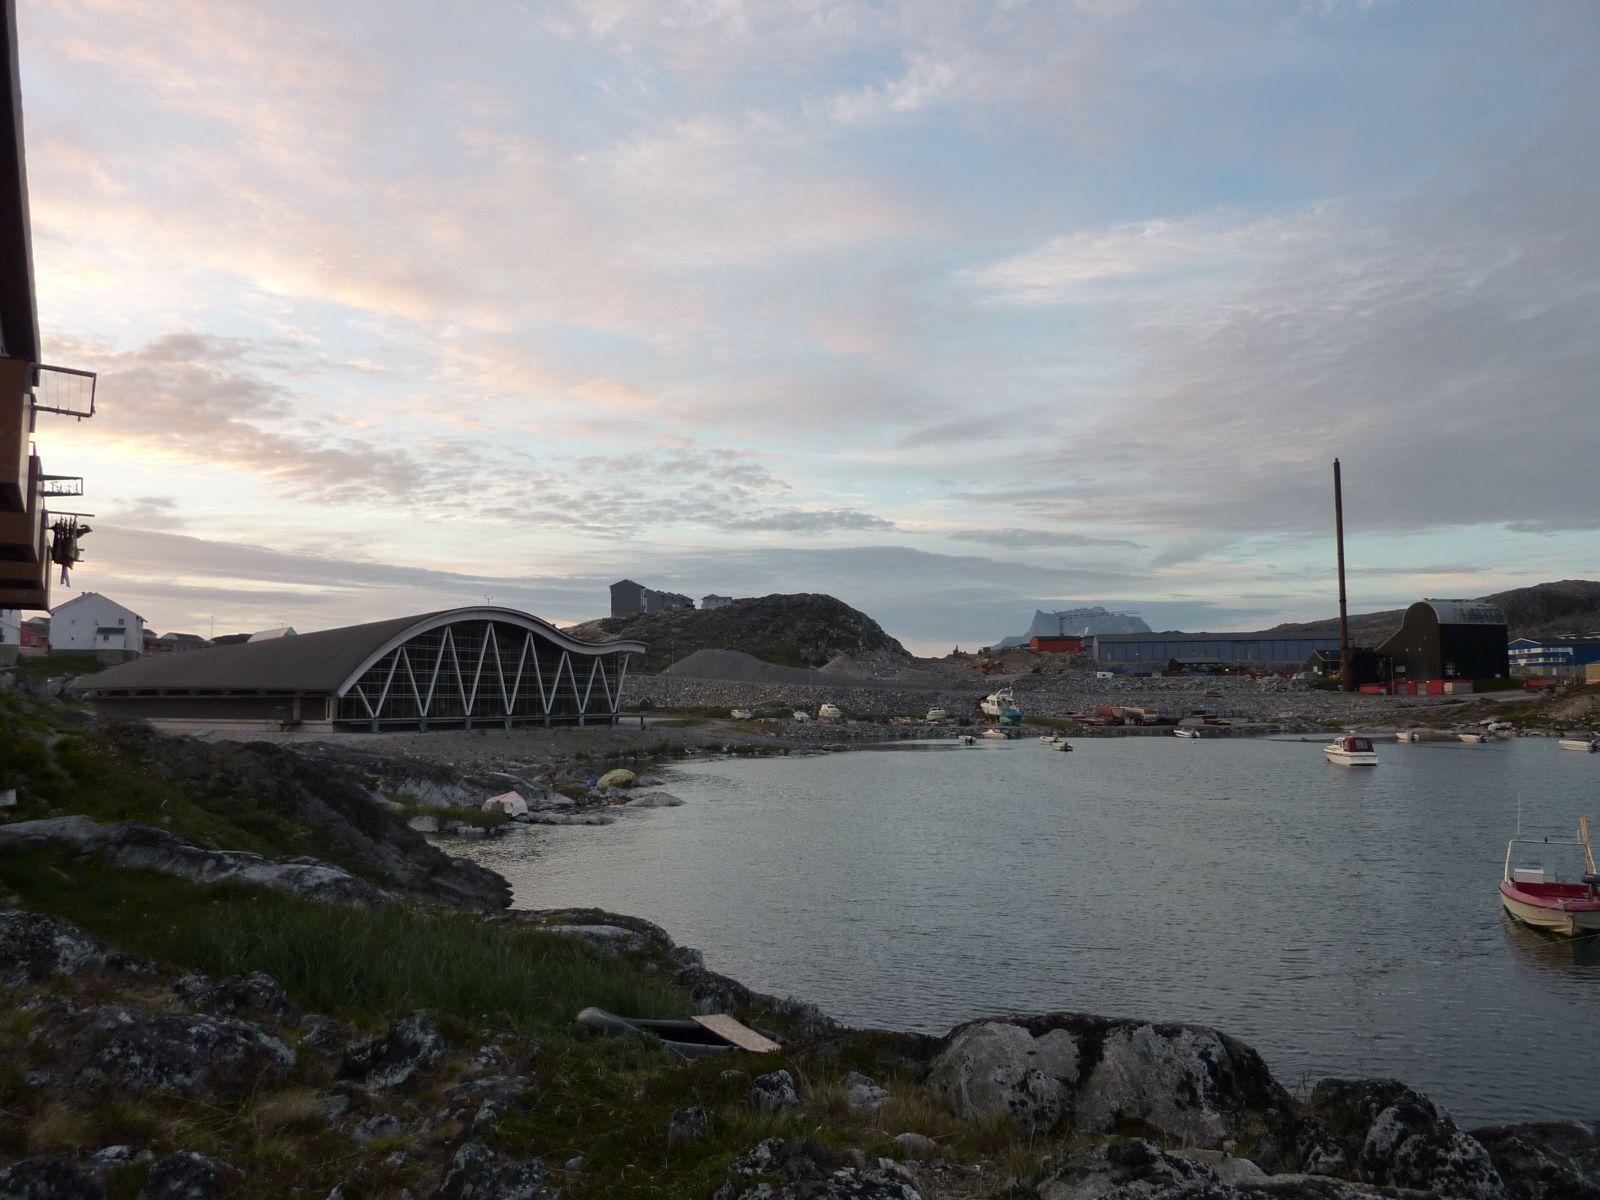 2010-07-15-2259_-_Sermitsiaq